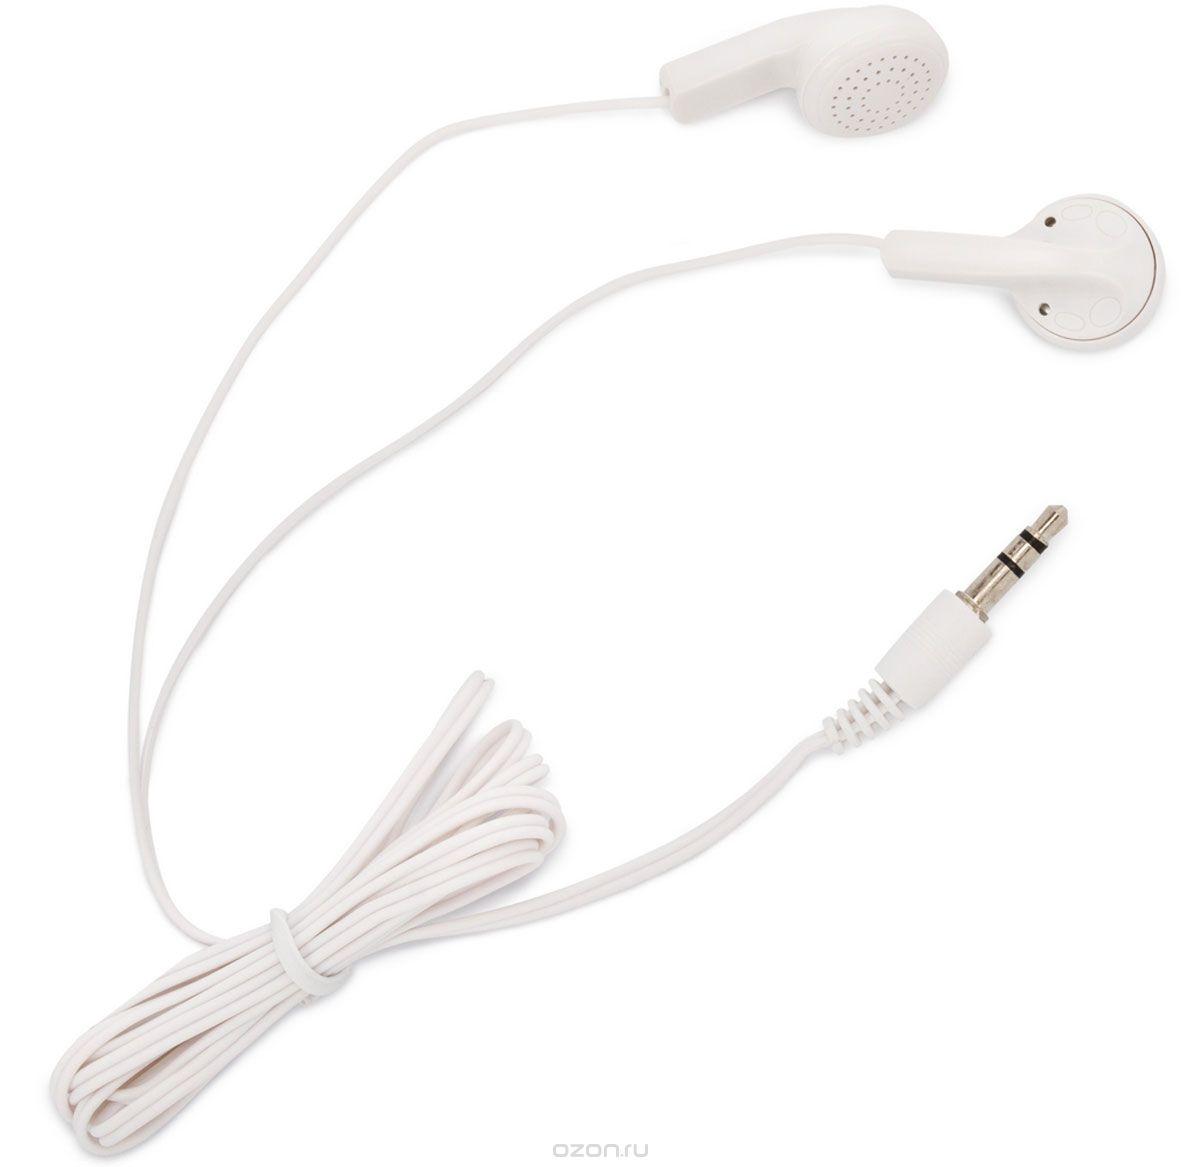 купить Наушники OLTO VS-820 / Проводные / Внутриканальные с микрофоном / Белые / 20 Гц - 20 кГц / Двухстороннее / Mini-jack / 3.5 мм онлайн